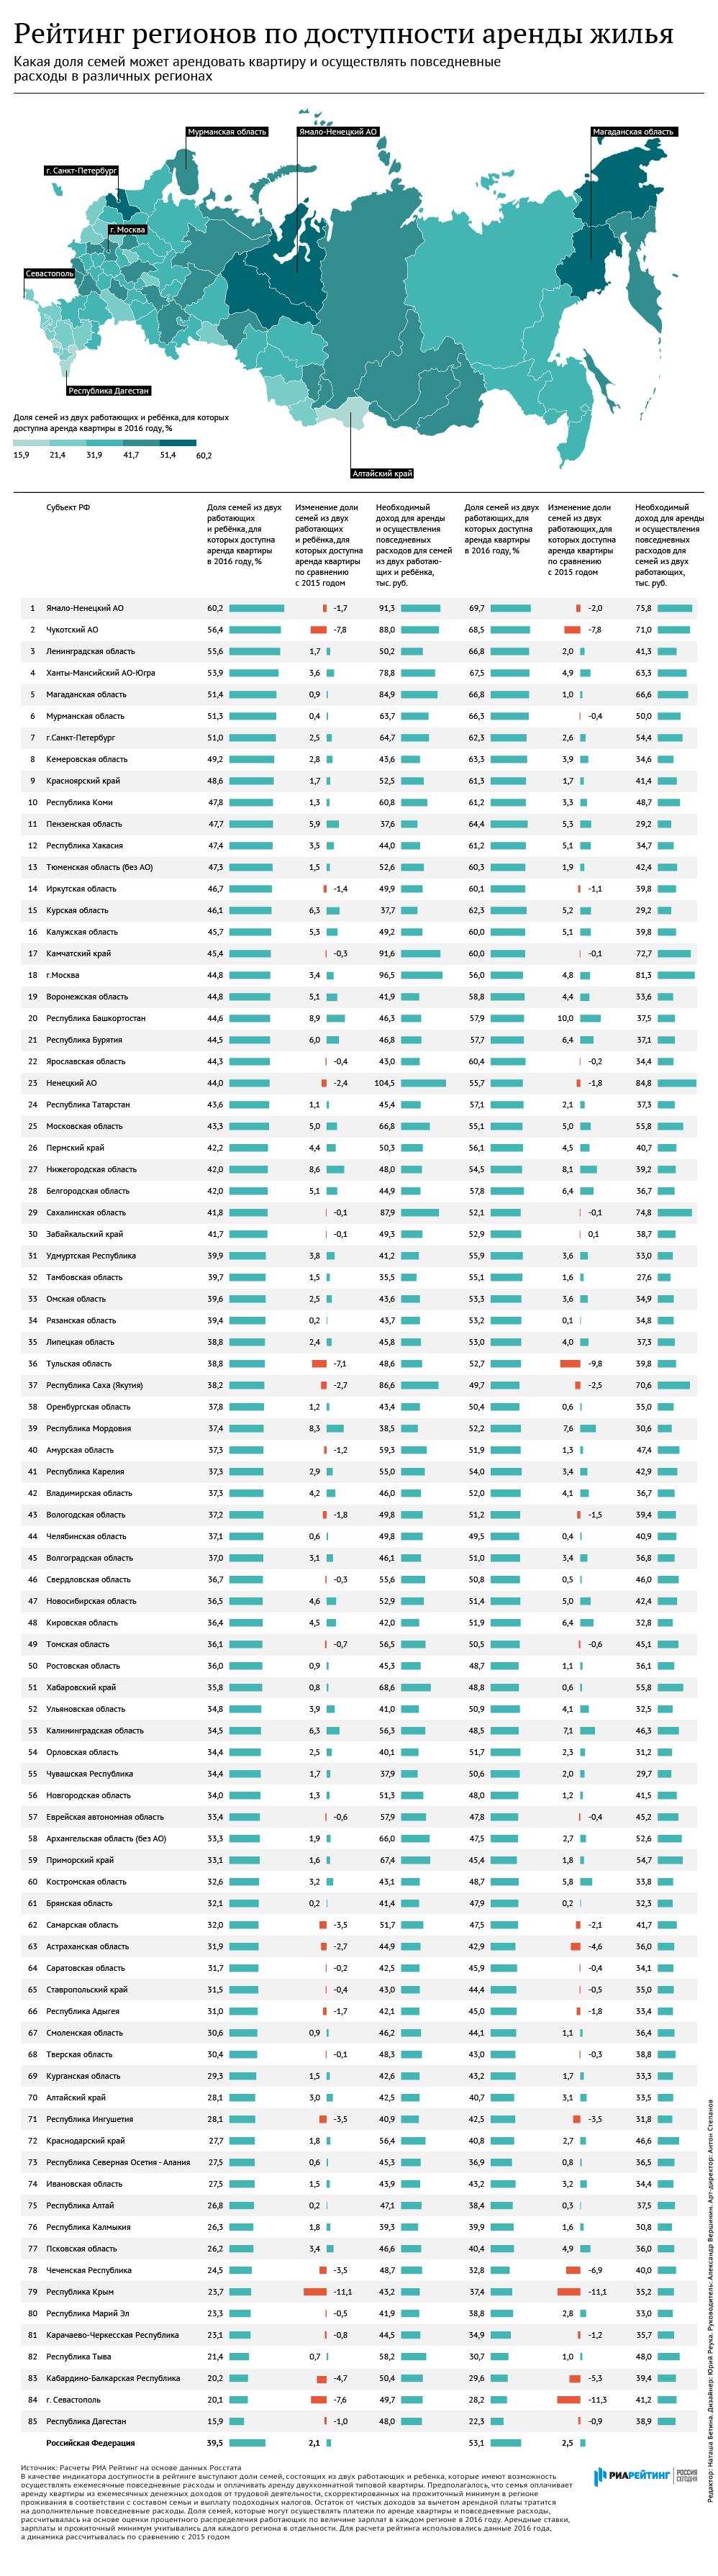 Рейтинг регионов по доступности российским семьям аренды жилья